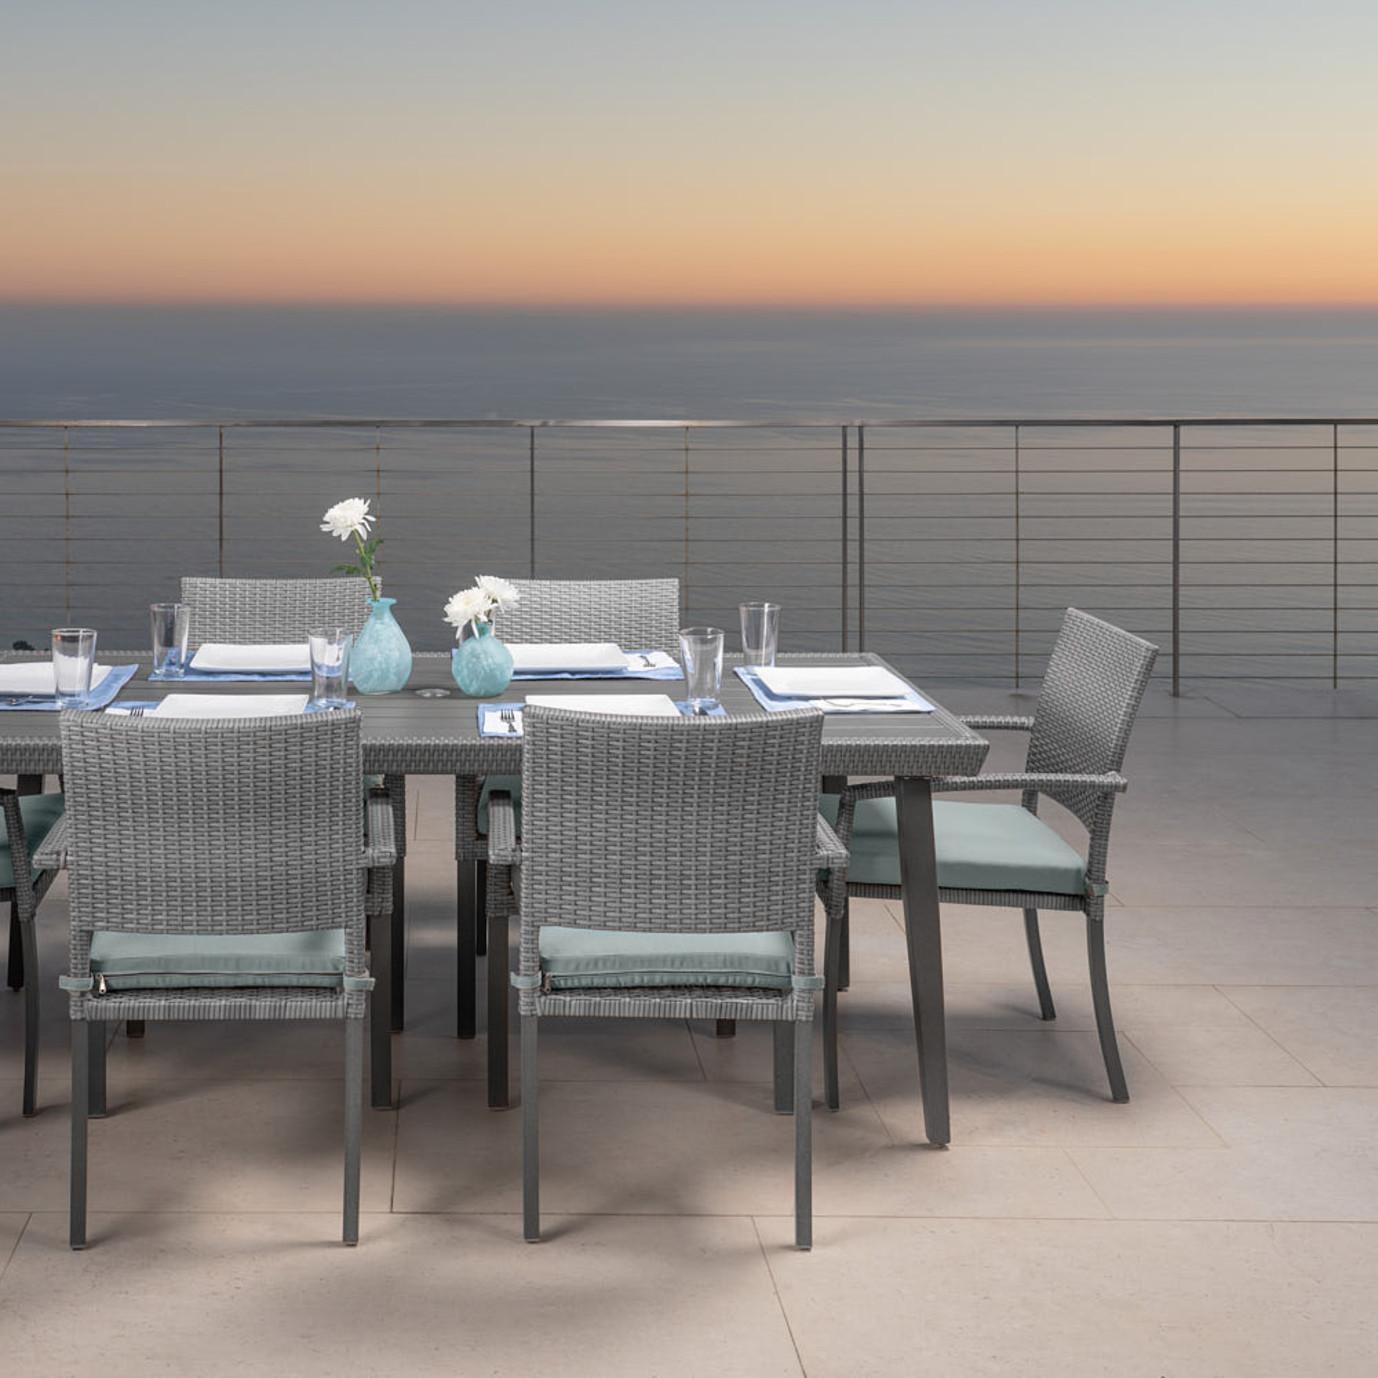 Portofino® Casual Dining Chair Cushion - Spa Blue